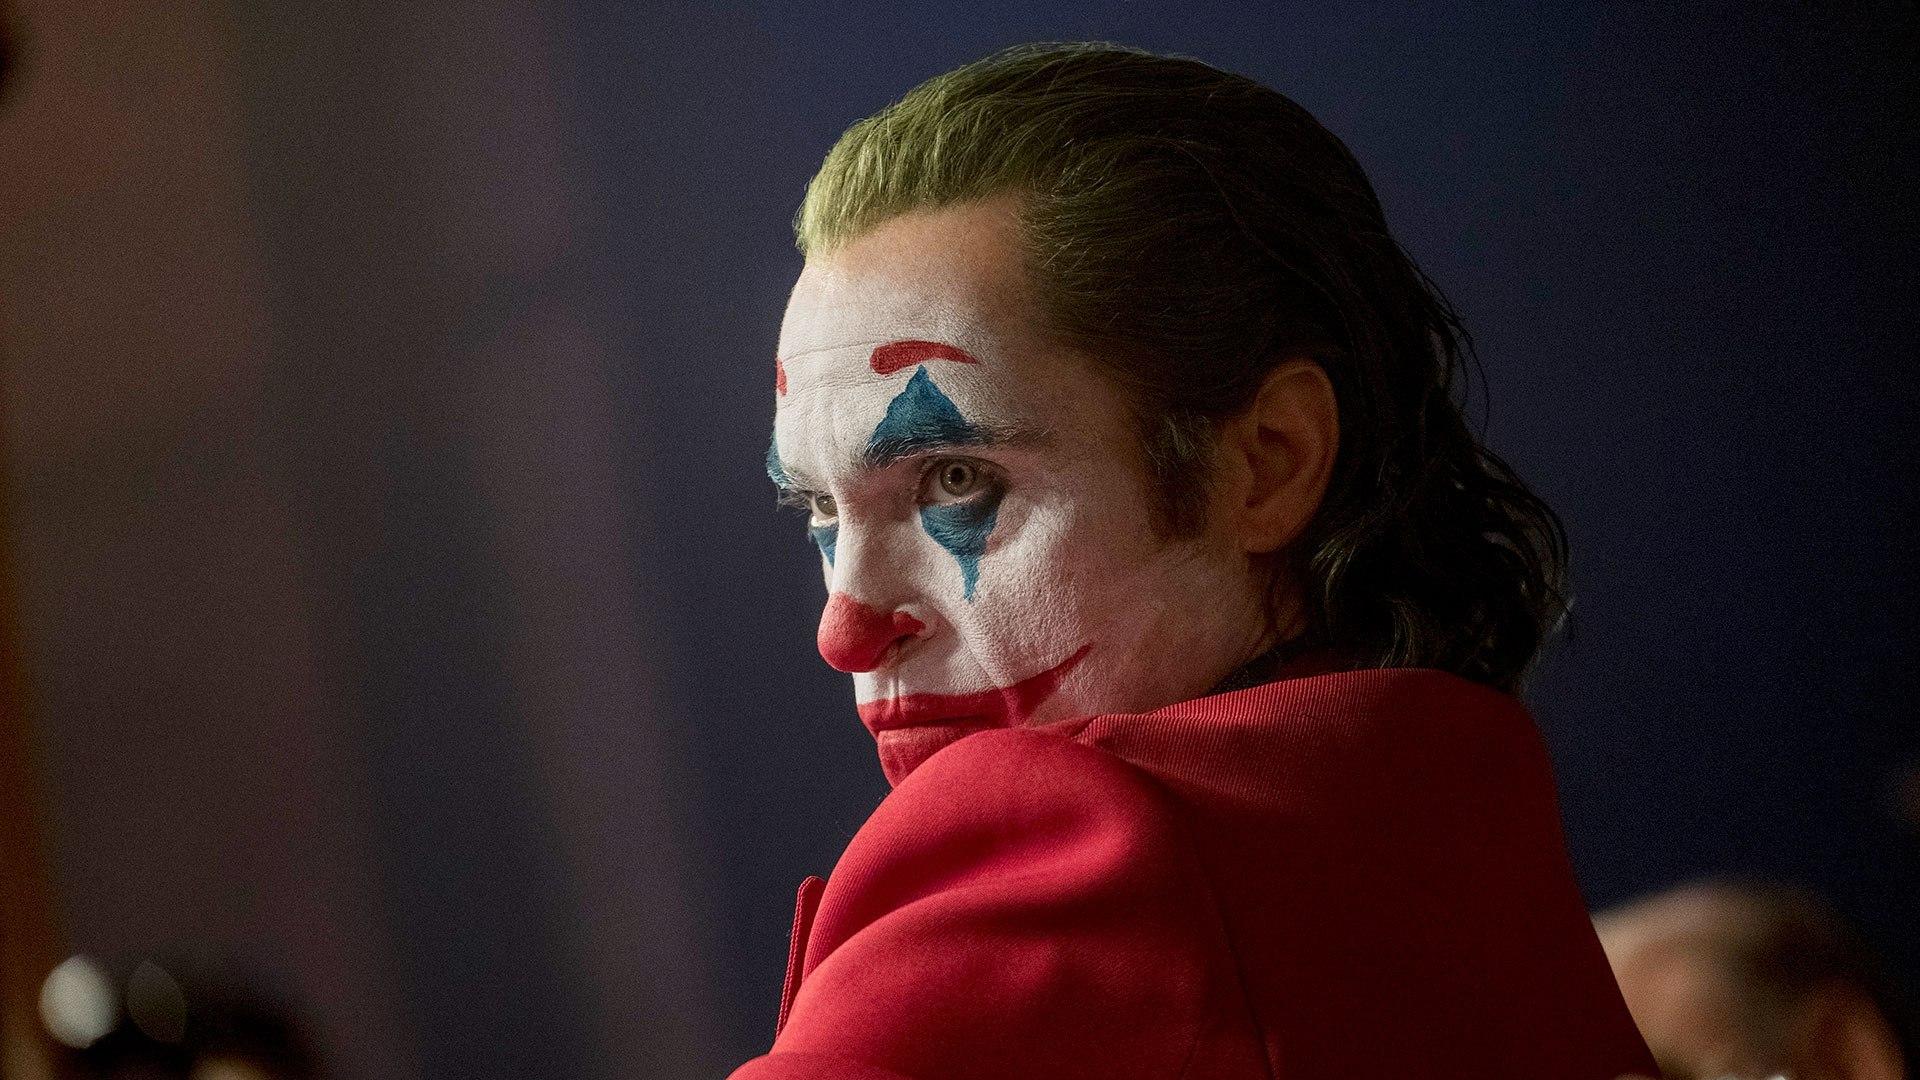 Image Result For Joker Review Venice Film Festival